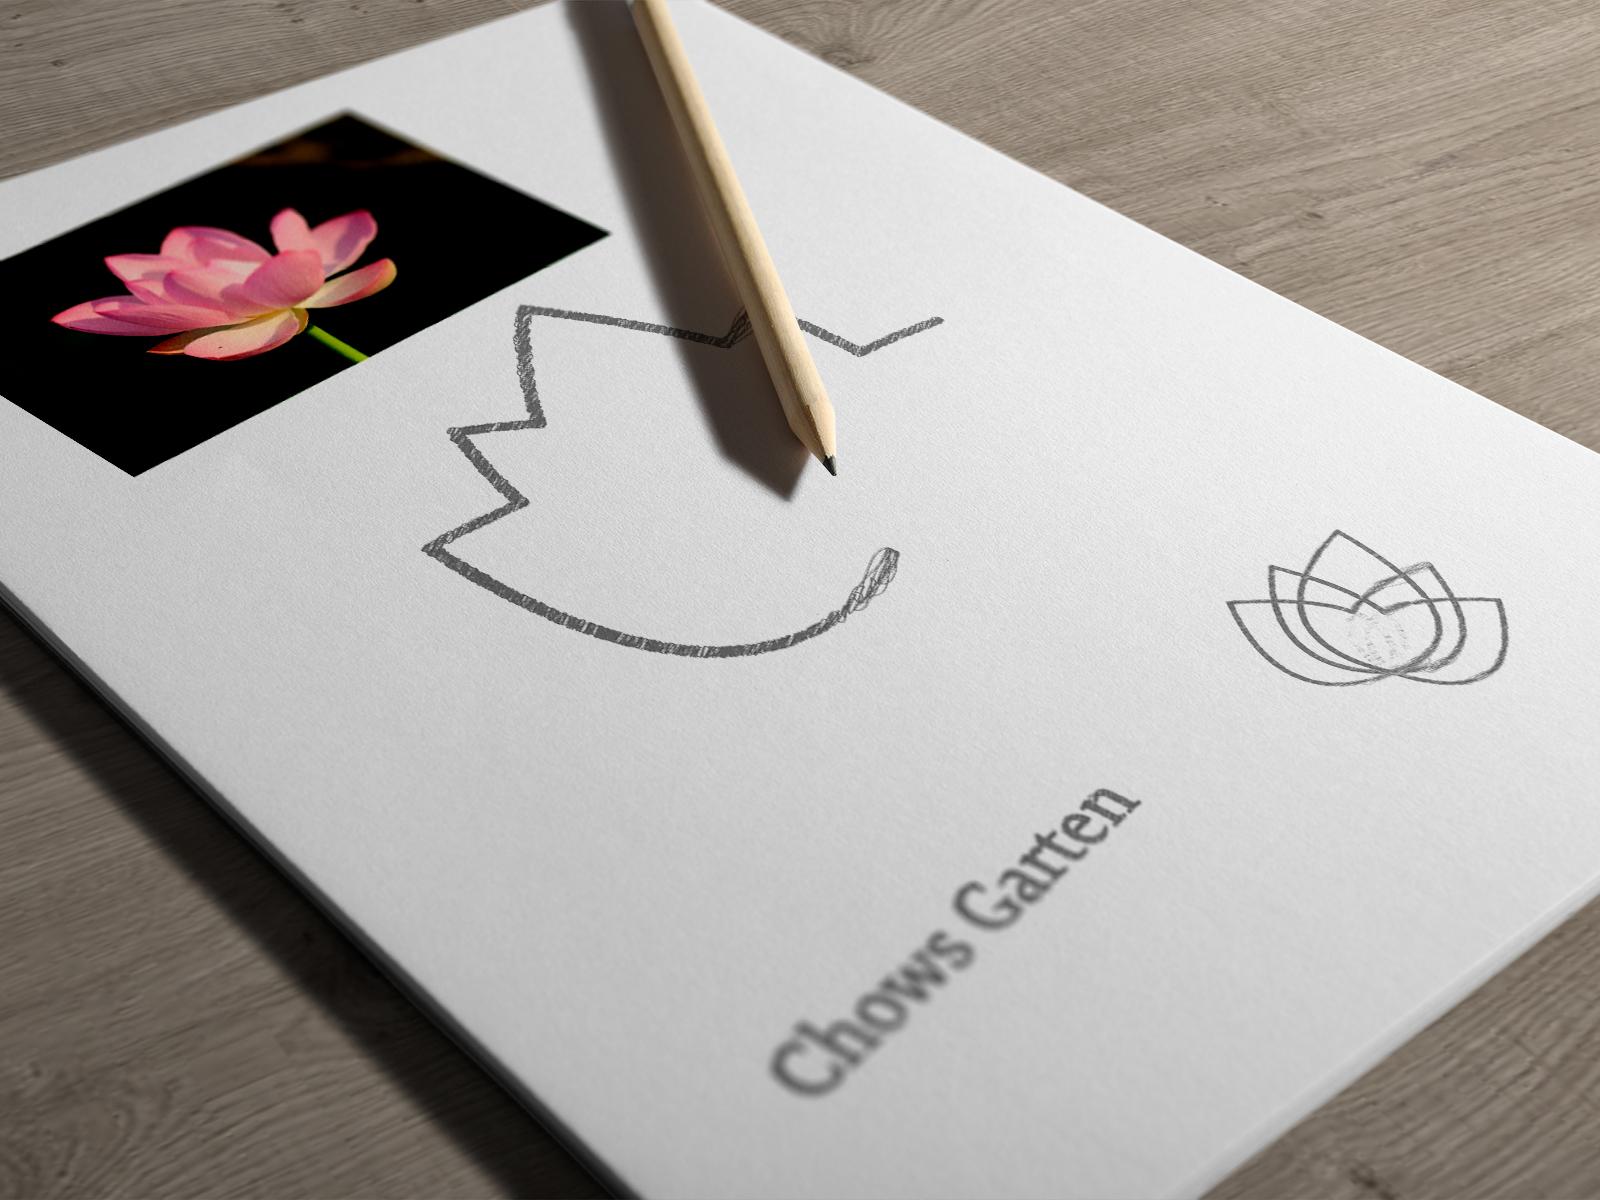 Der Designprozess eines Logos.